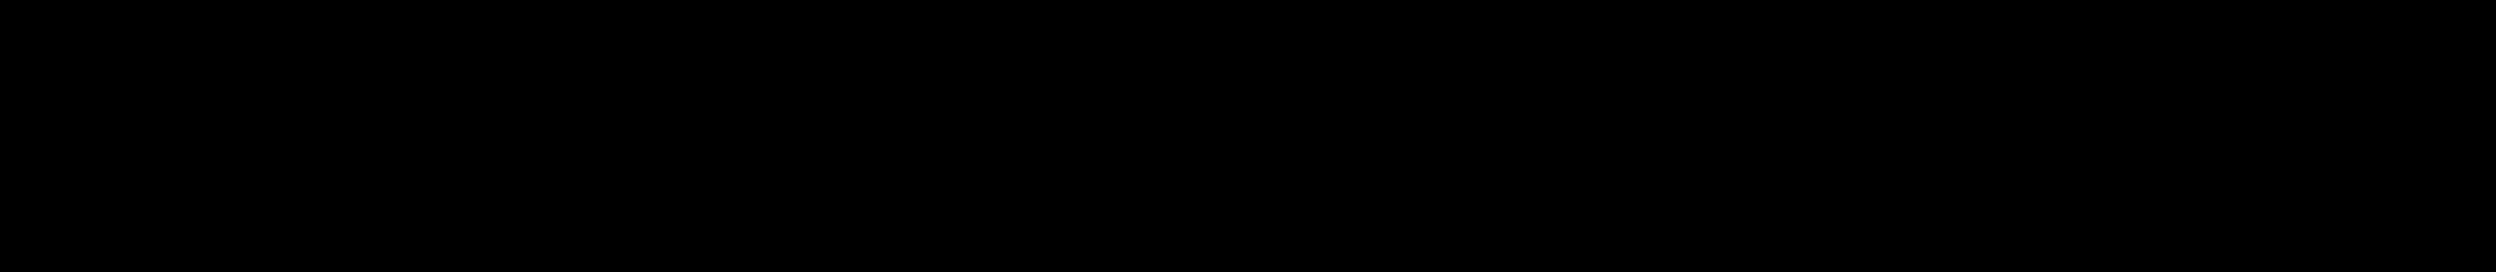 ト音記号の「ドレミファソラシド」の楽譜